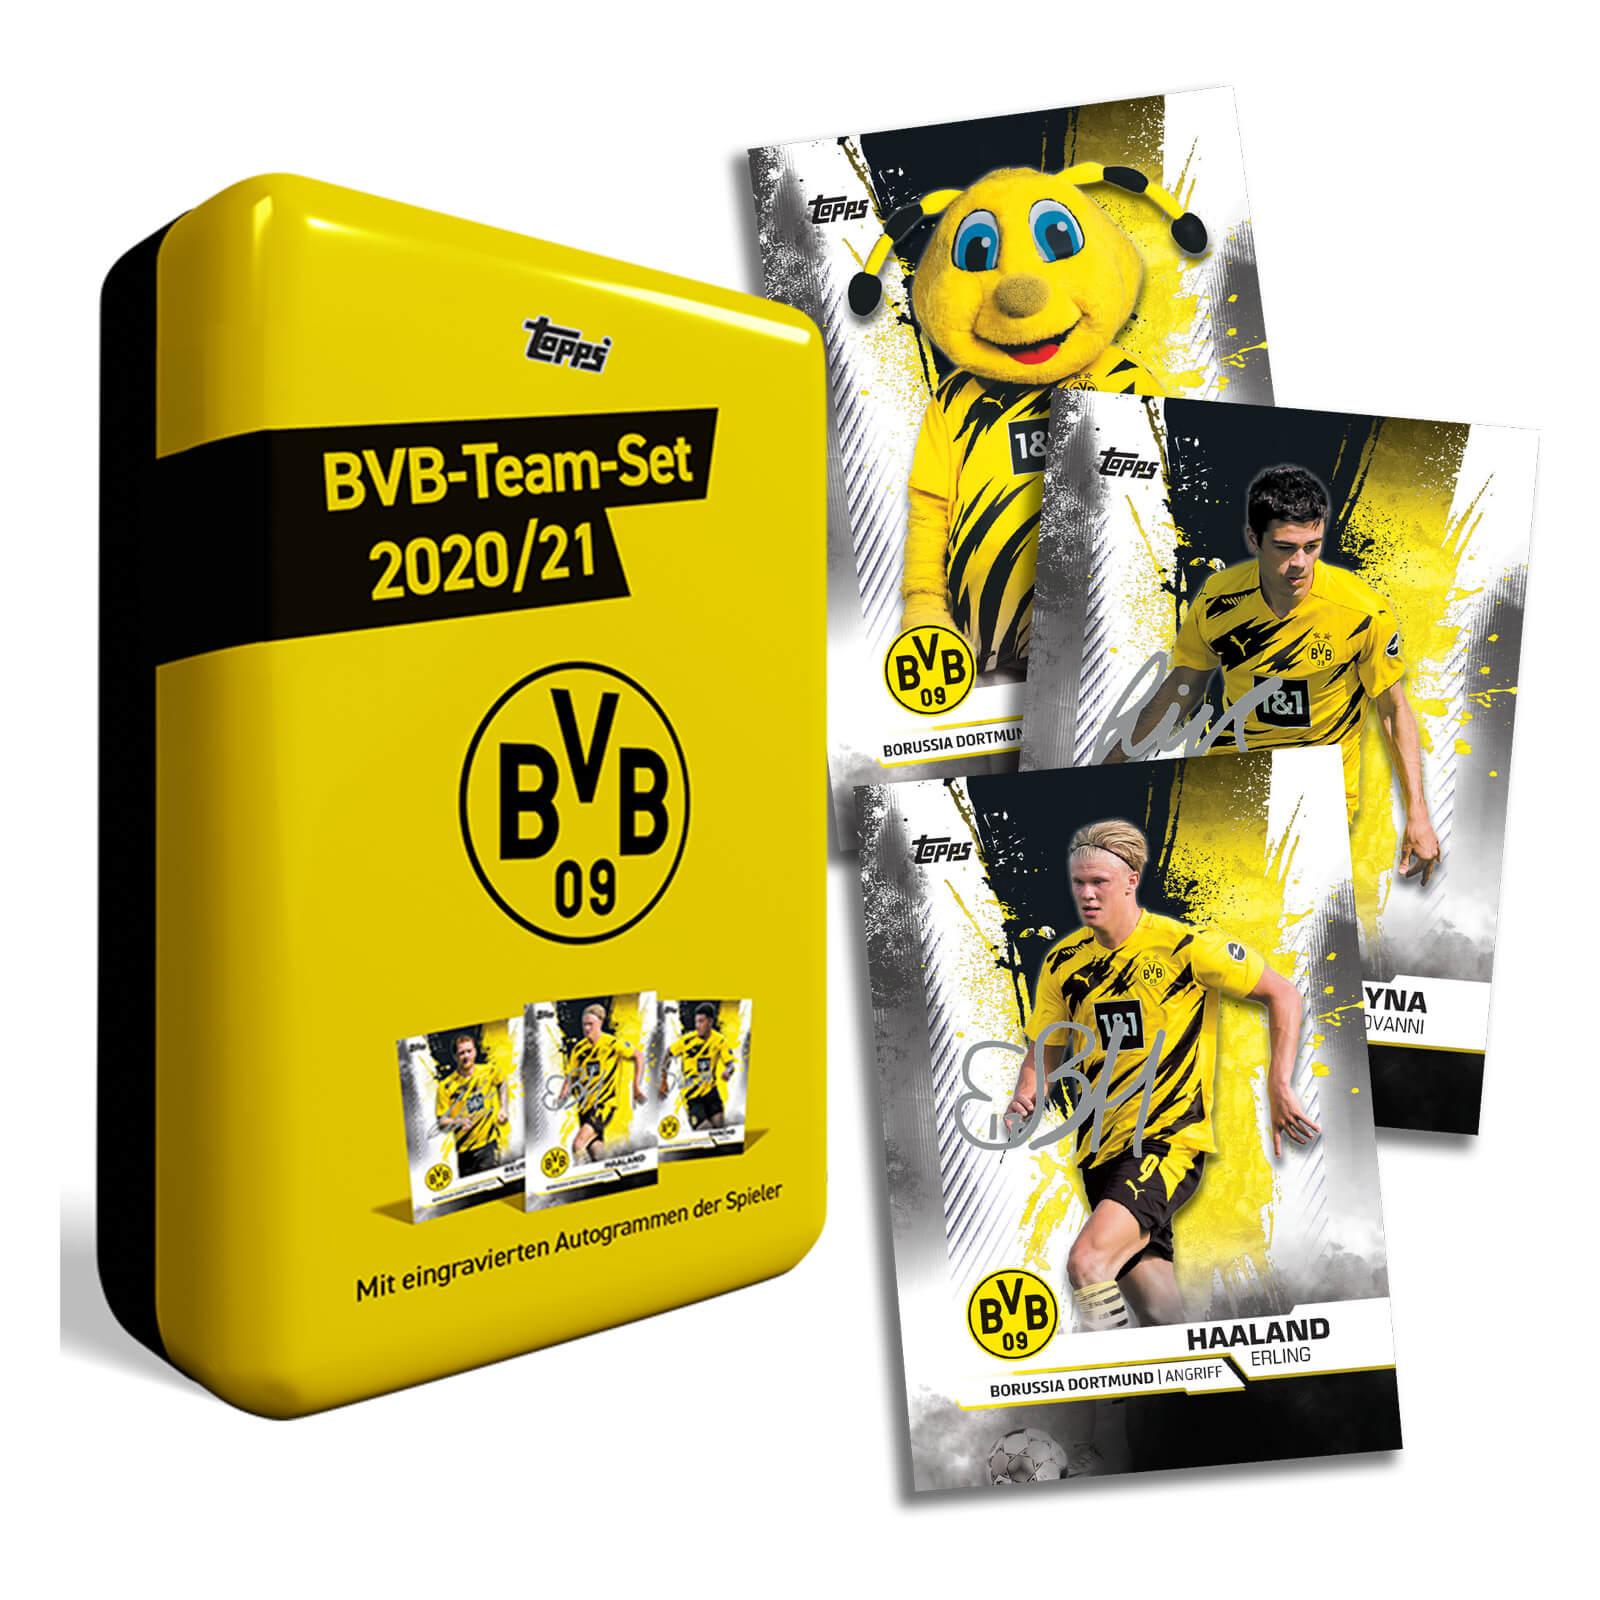 Borussia Dortmund BVB 09 BVB-Mini Radierer 09er Set